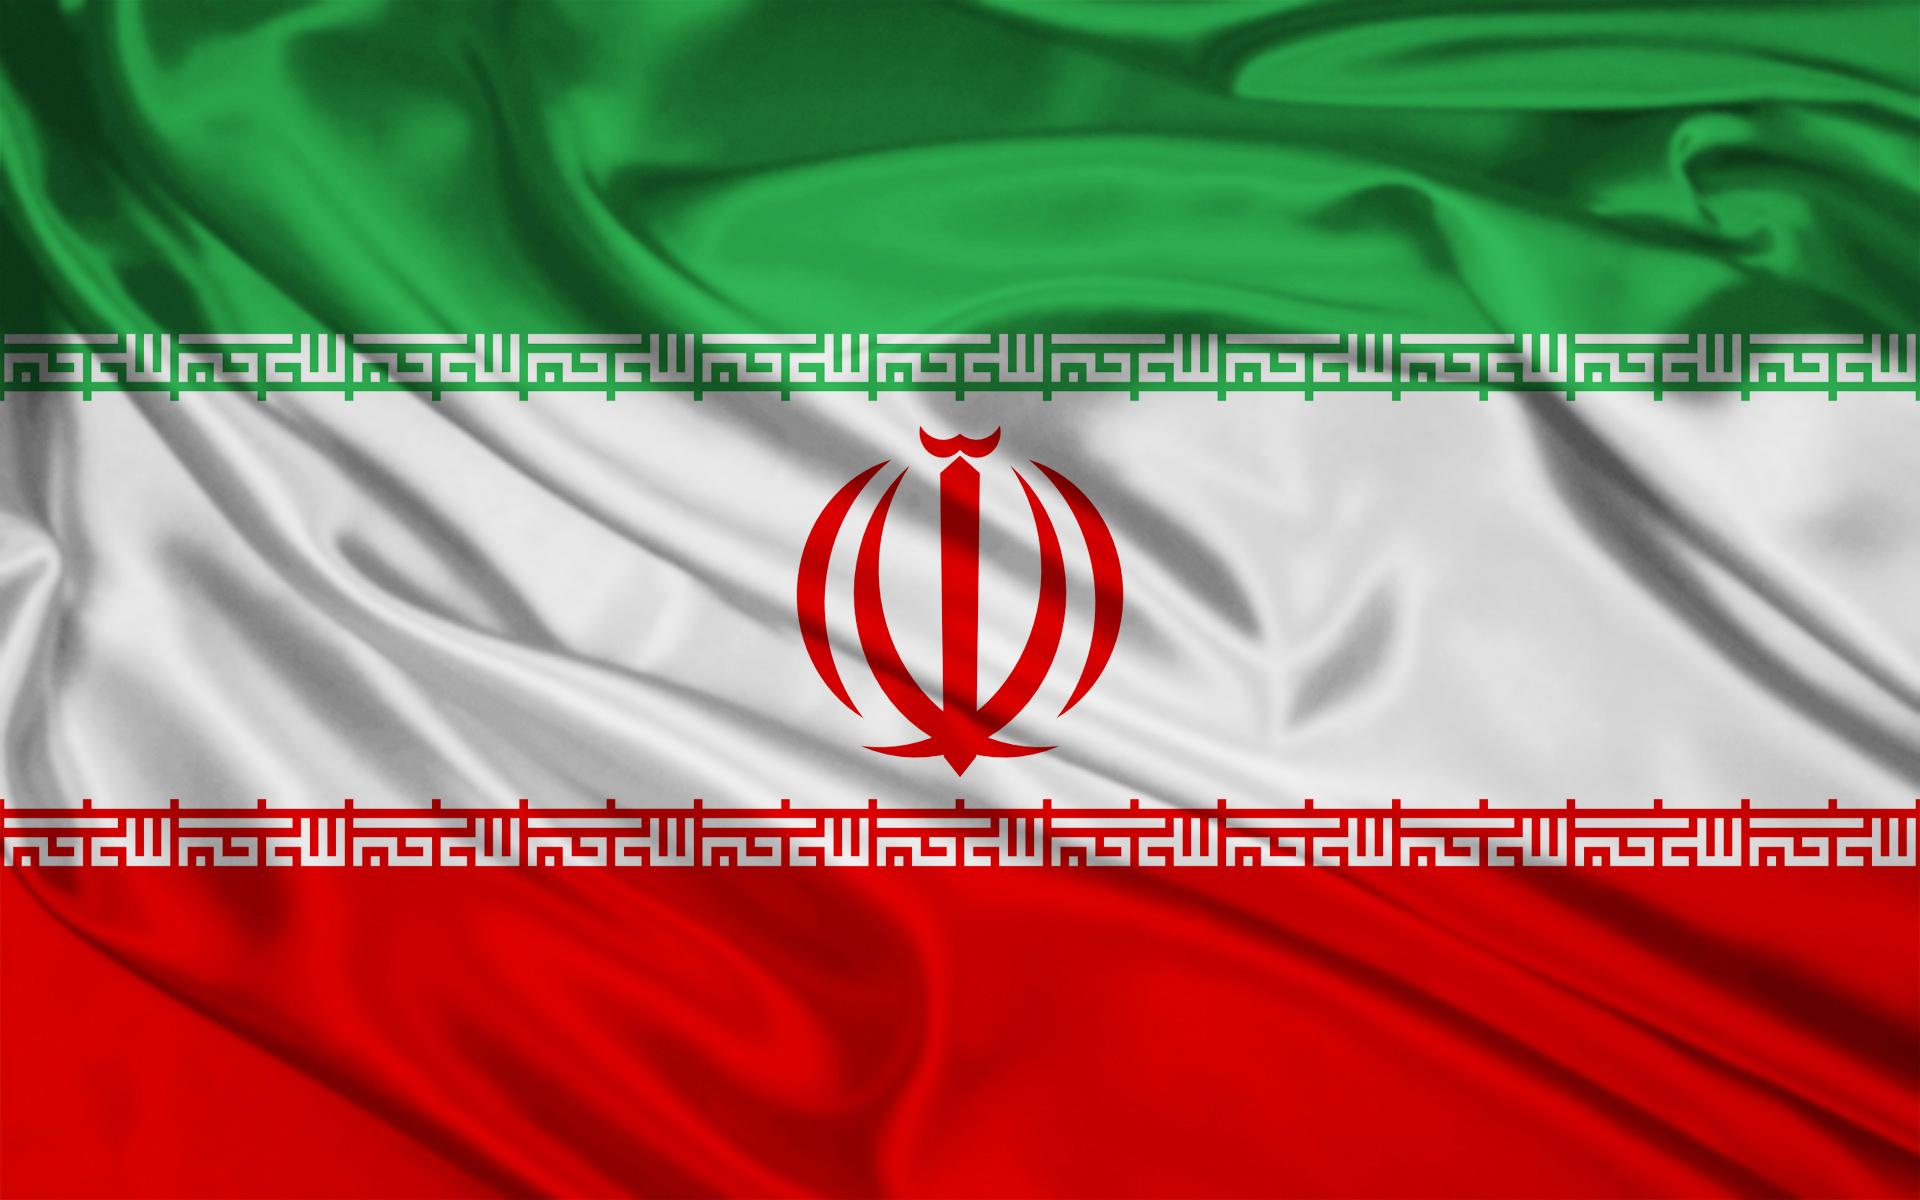 إيران: لن نسعى إلى امتلاك السلاح النووي